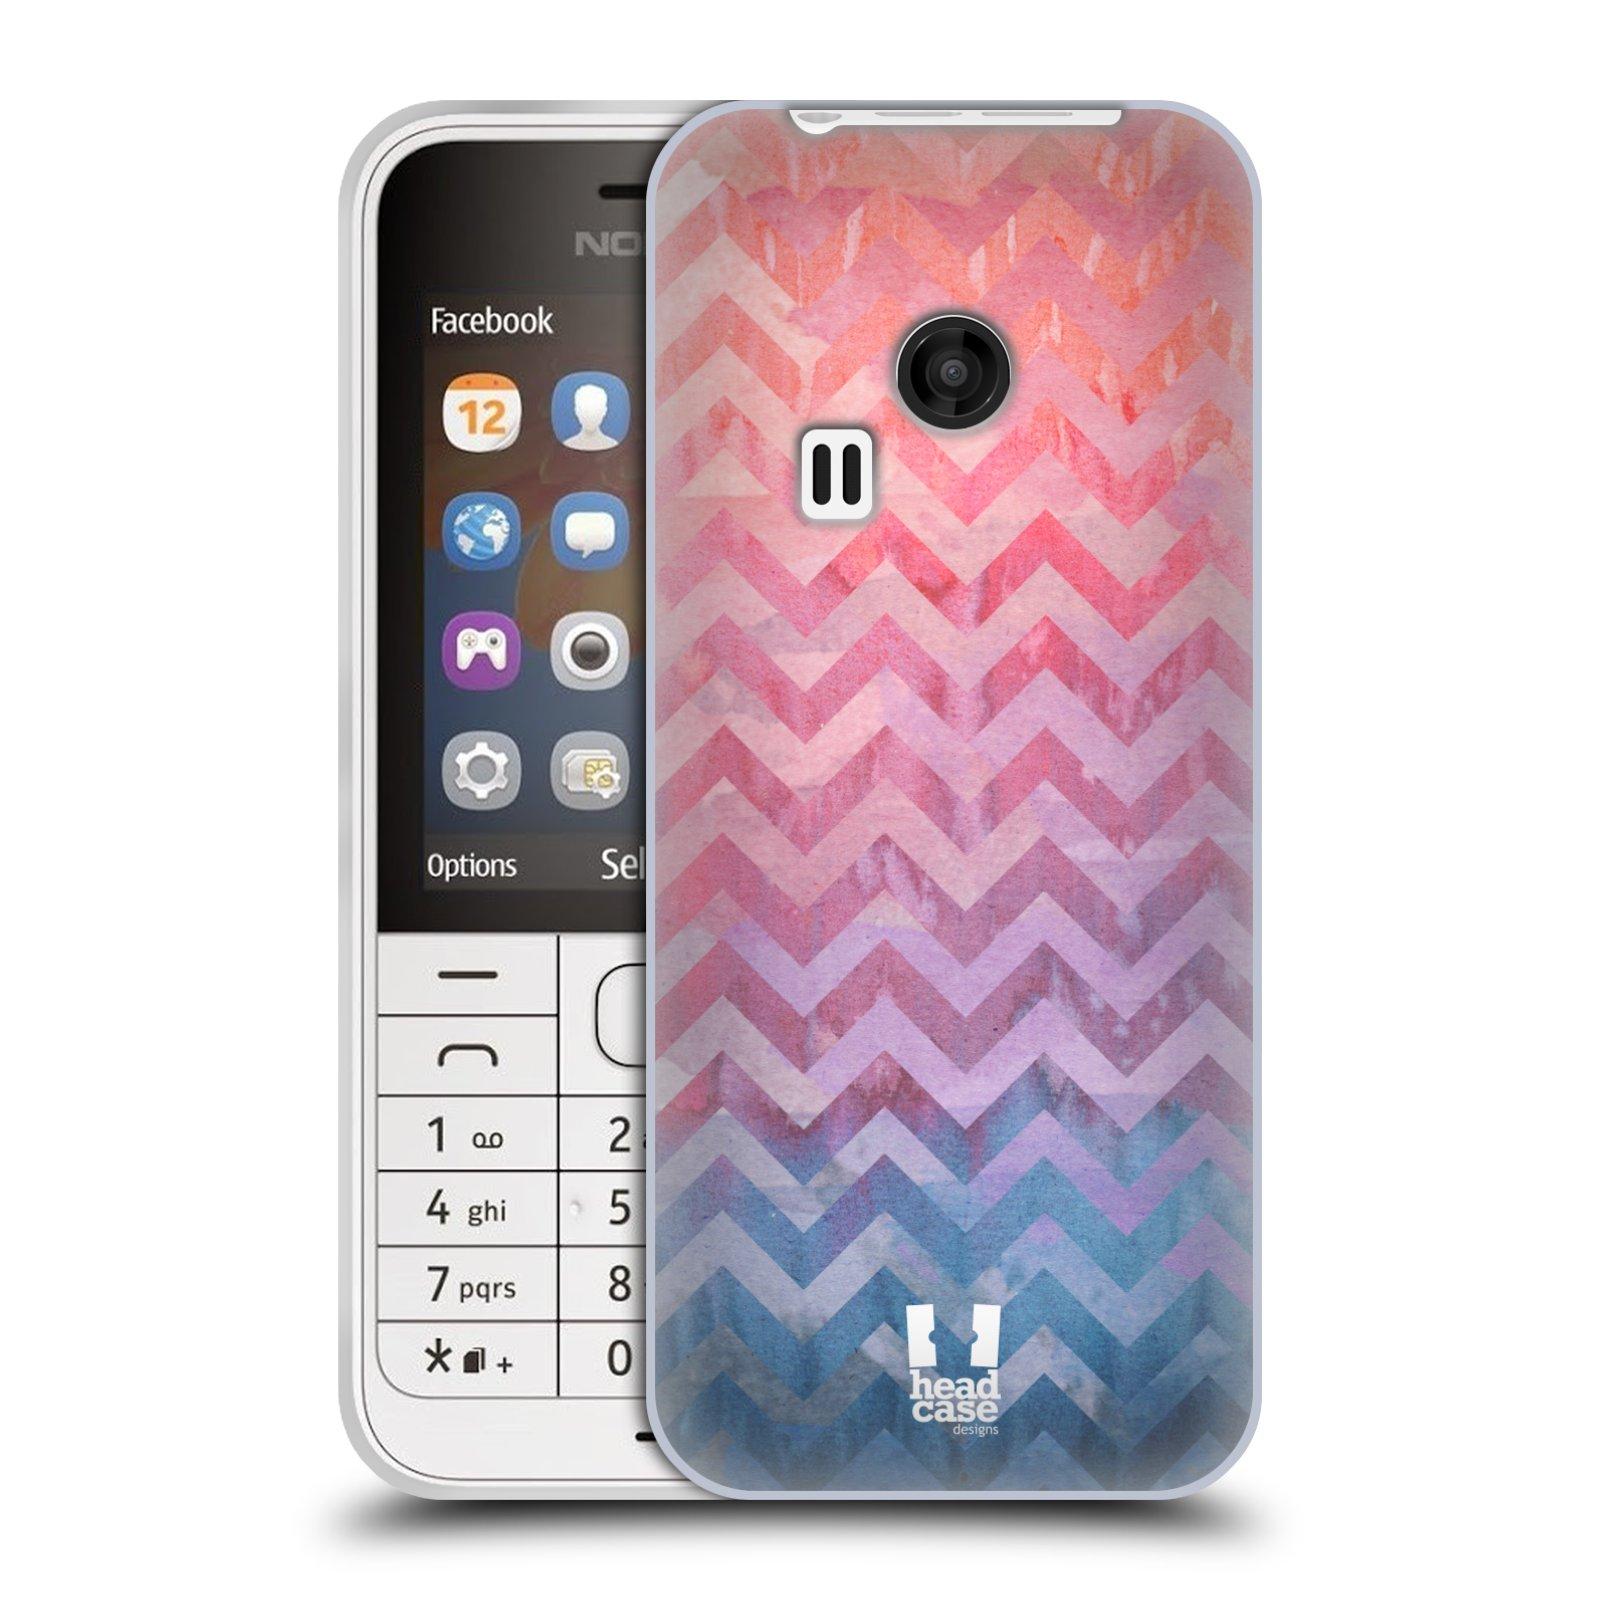 Silikonové pouzdro na mobil Nokia 220 HEAD CASE Pink Chevron (Silikonový kryt či obal na mobilní telefon Nokia 220 a 220 Dual SIM)